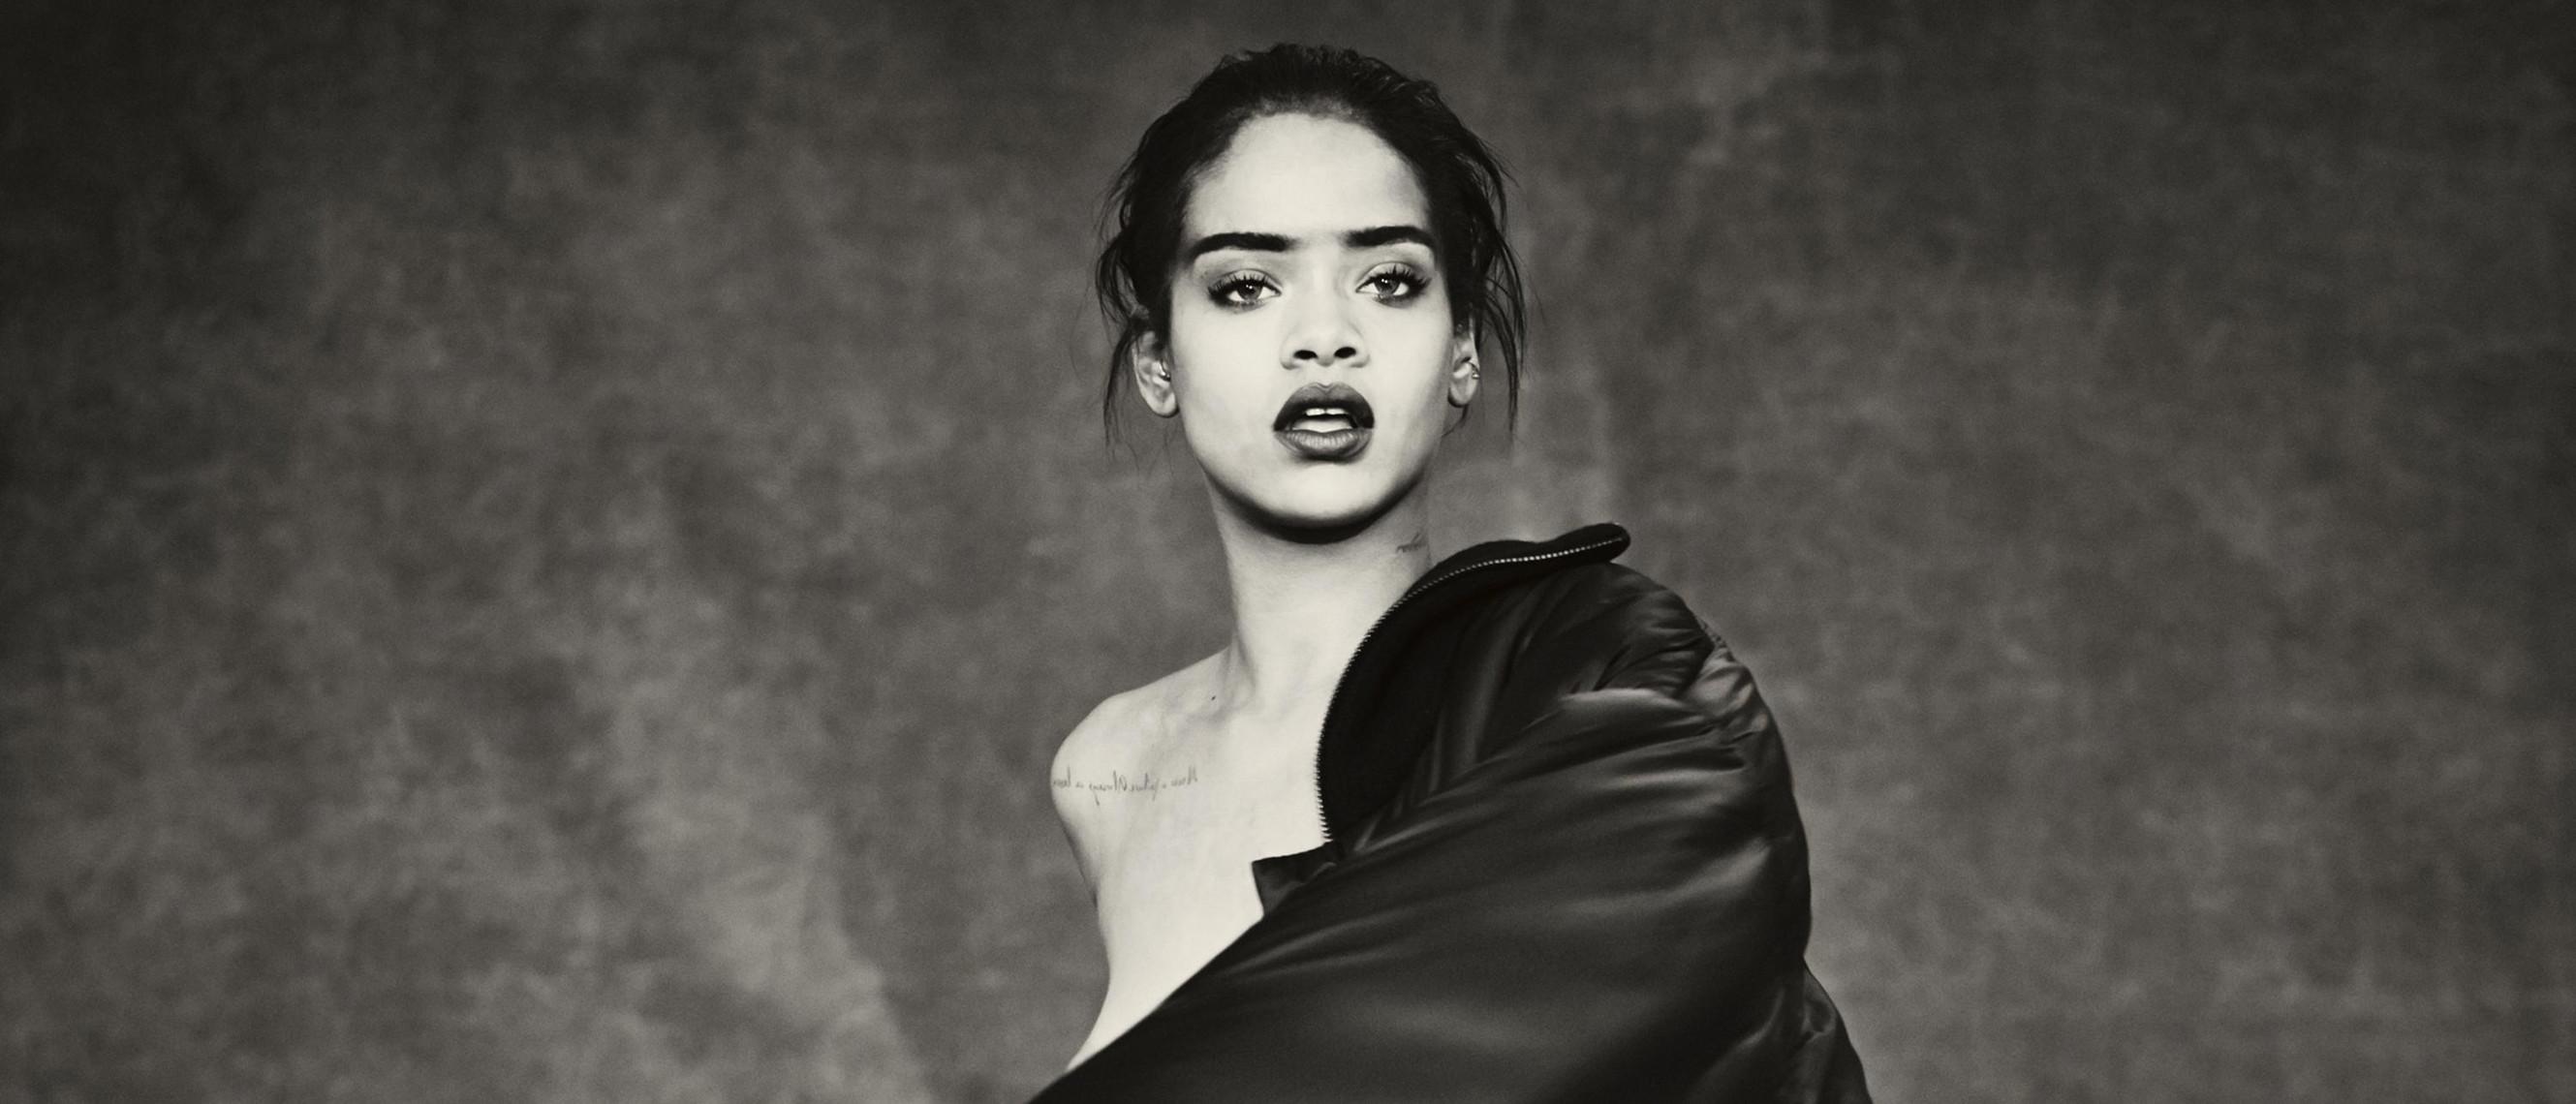 Rihanna Spotify Statistics